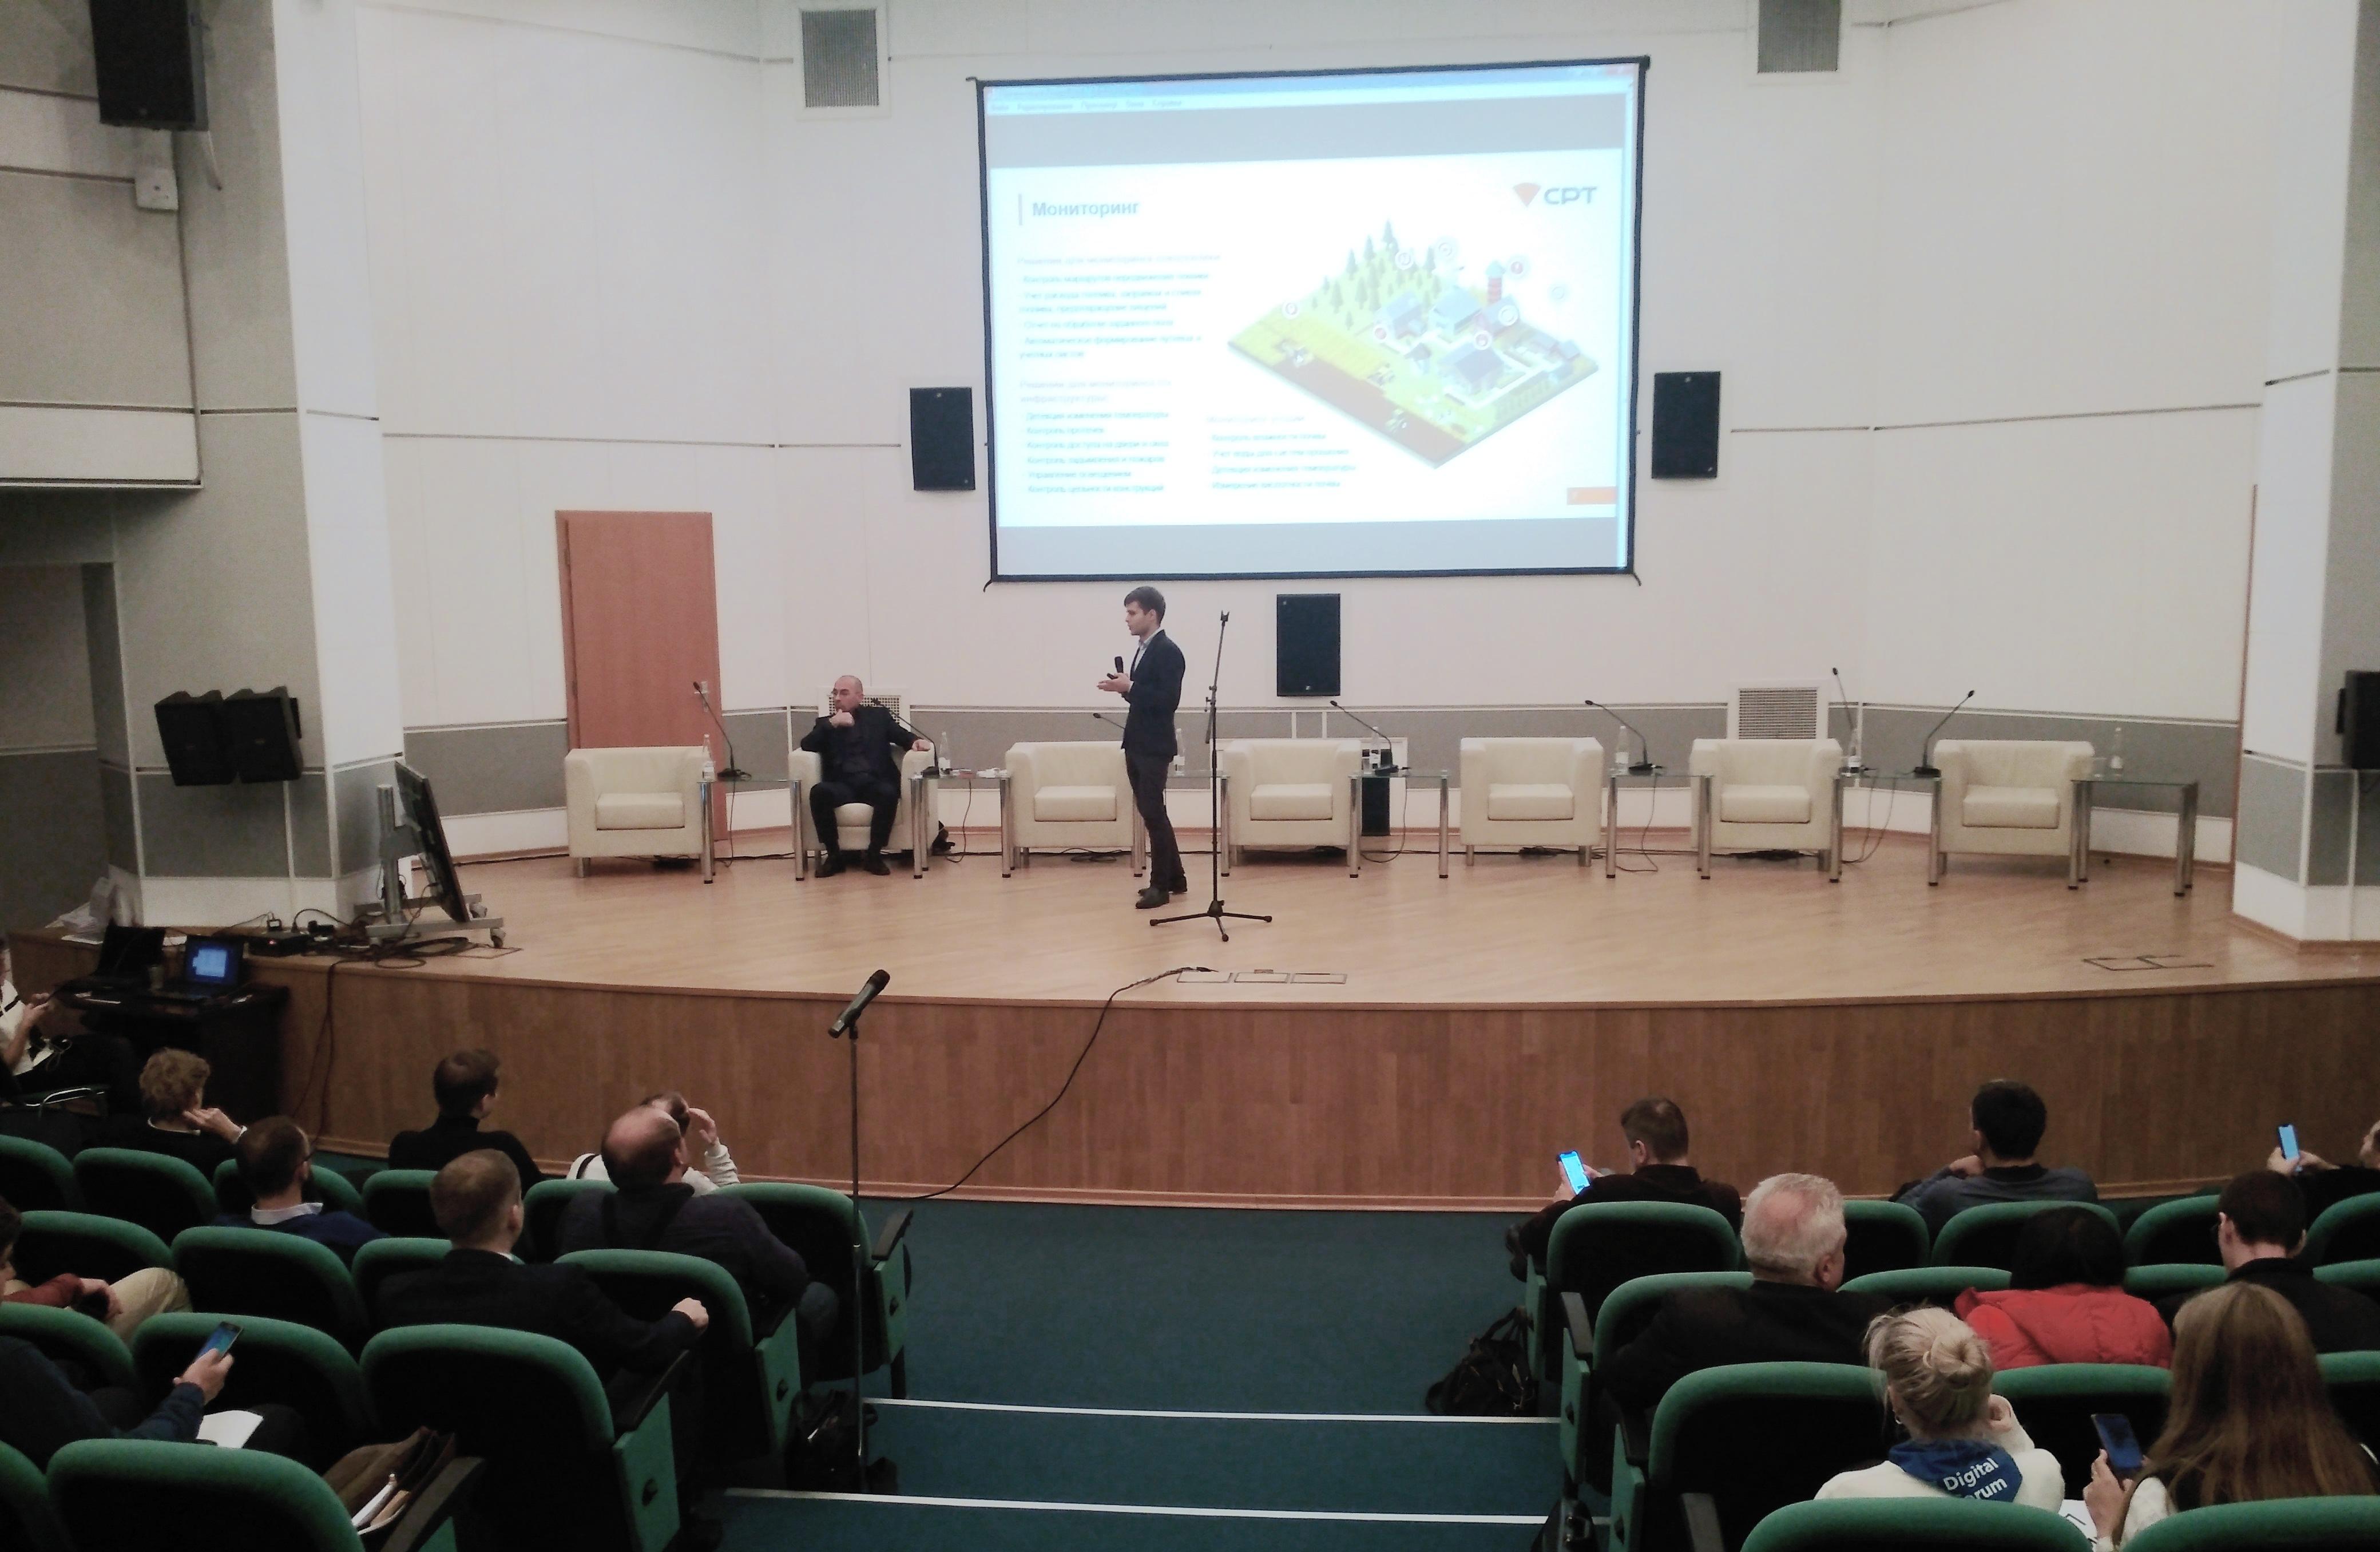 Вчера в Москве состоялся Международный цифровой агропромышленный форум. Задачи мероприятия — поиск и обсуждение передовых инновационных решений для сферы АПК. Интернет вещей в сельском хозяйстве — в числе ключевых направлений форума. Событие посетили представители органов власти, ведущих сельскохозяйственных корпораций, ученые, разработчики высокотехенологичных решений для АПК. Как это было На форуме проходила выставка и деловая программа. Специалисты СРТ поучаствовали только в сессии по презентации цифровых решений для сельского хозяйства. Перед аудиторией сессии выступил руководитель проектов Константин Багратьян. Константин рассказал о применении технологии LPWAN в сельском хозяйстве. Спикер затронул темы удаленного мониторинга сельскохозяйственных угодий и объектов, а также сбора телеметрии с животных.